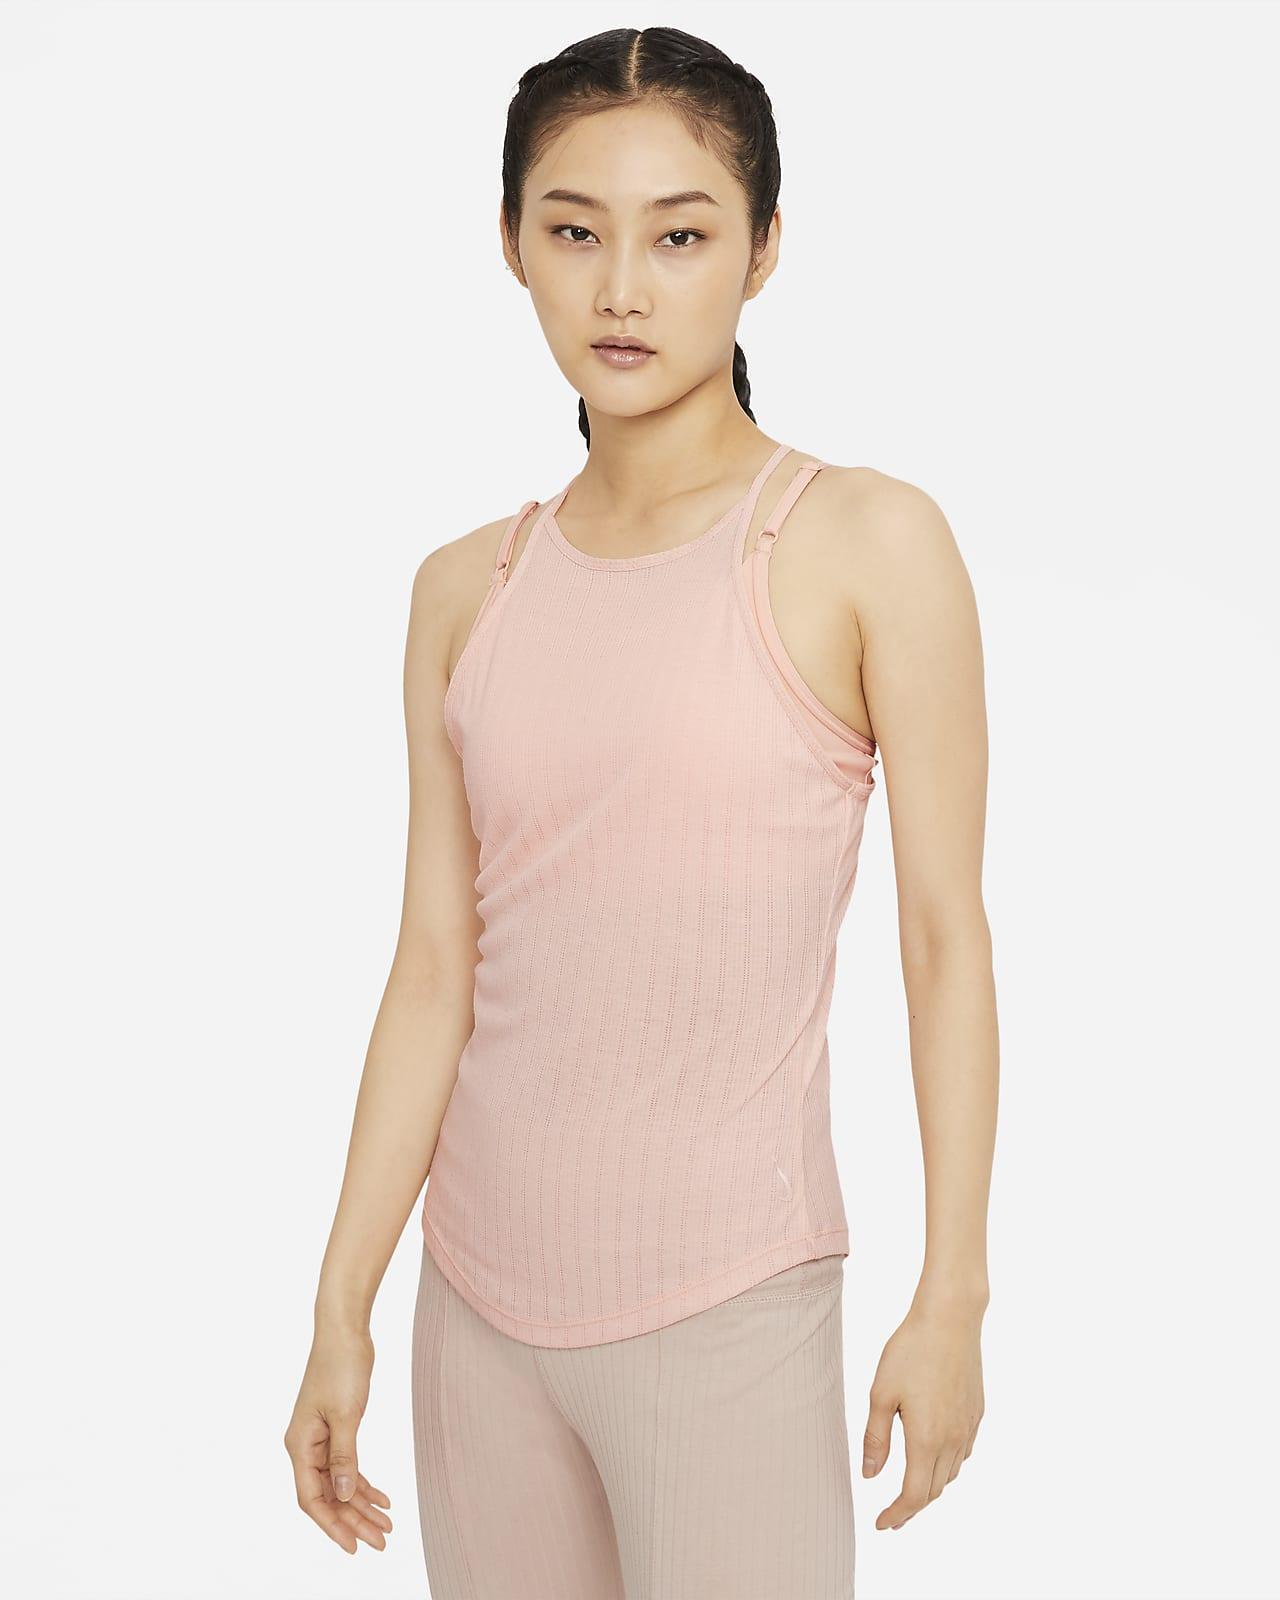 เสื้อกล้ามผู้หญิง Nike Yoga Pointelle